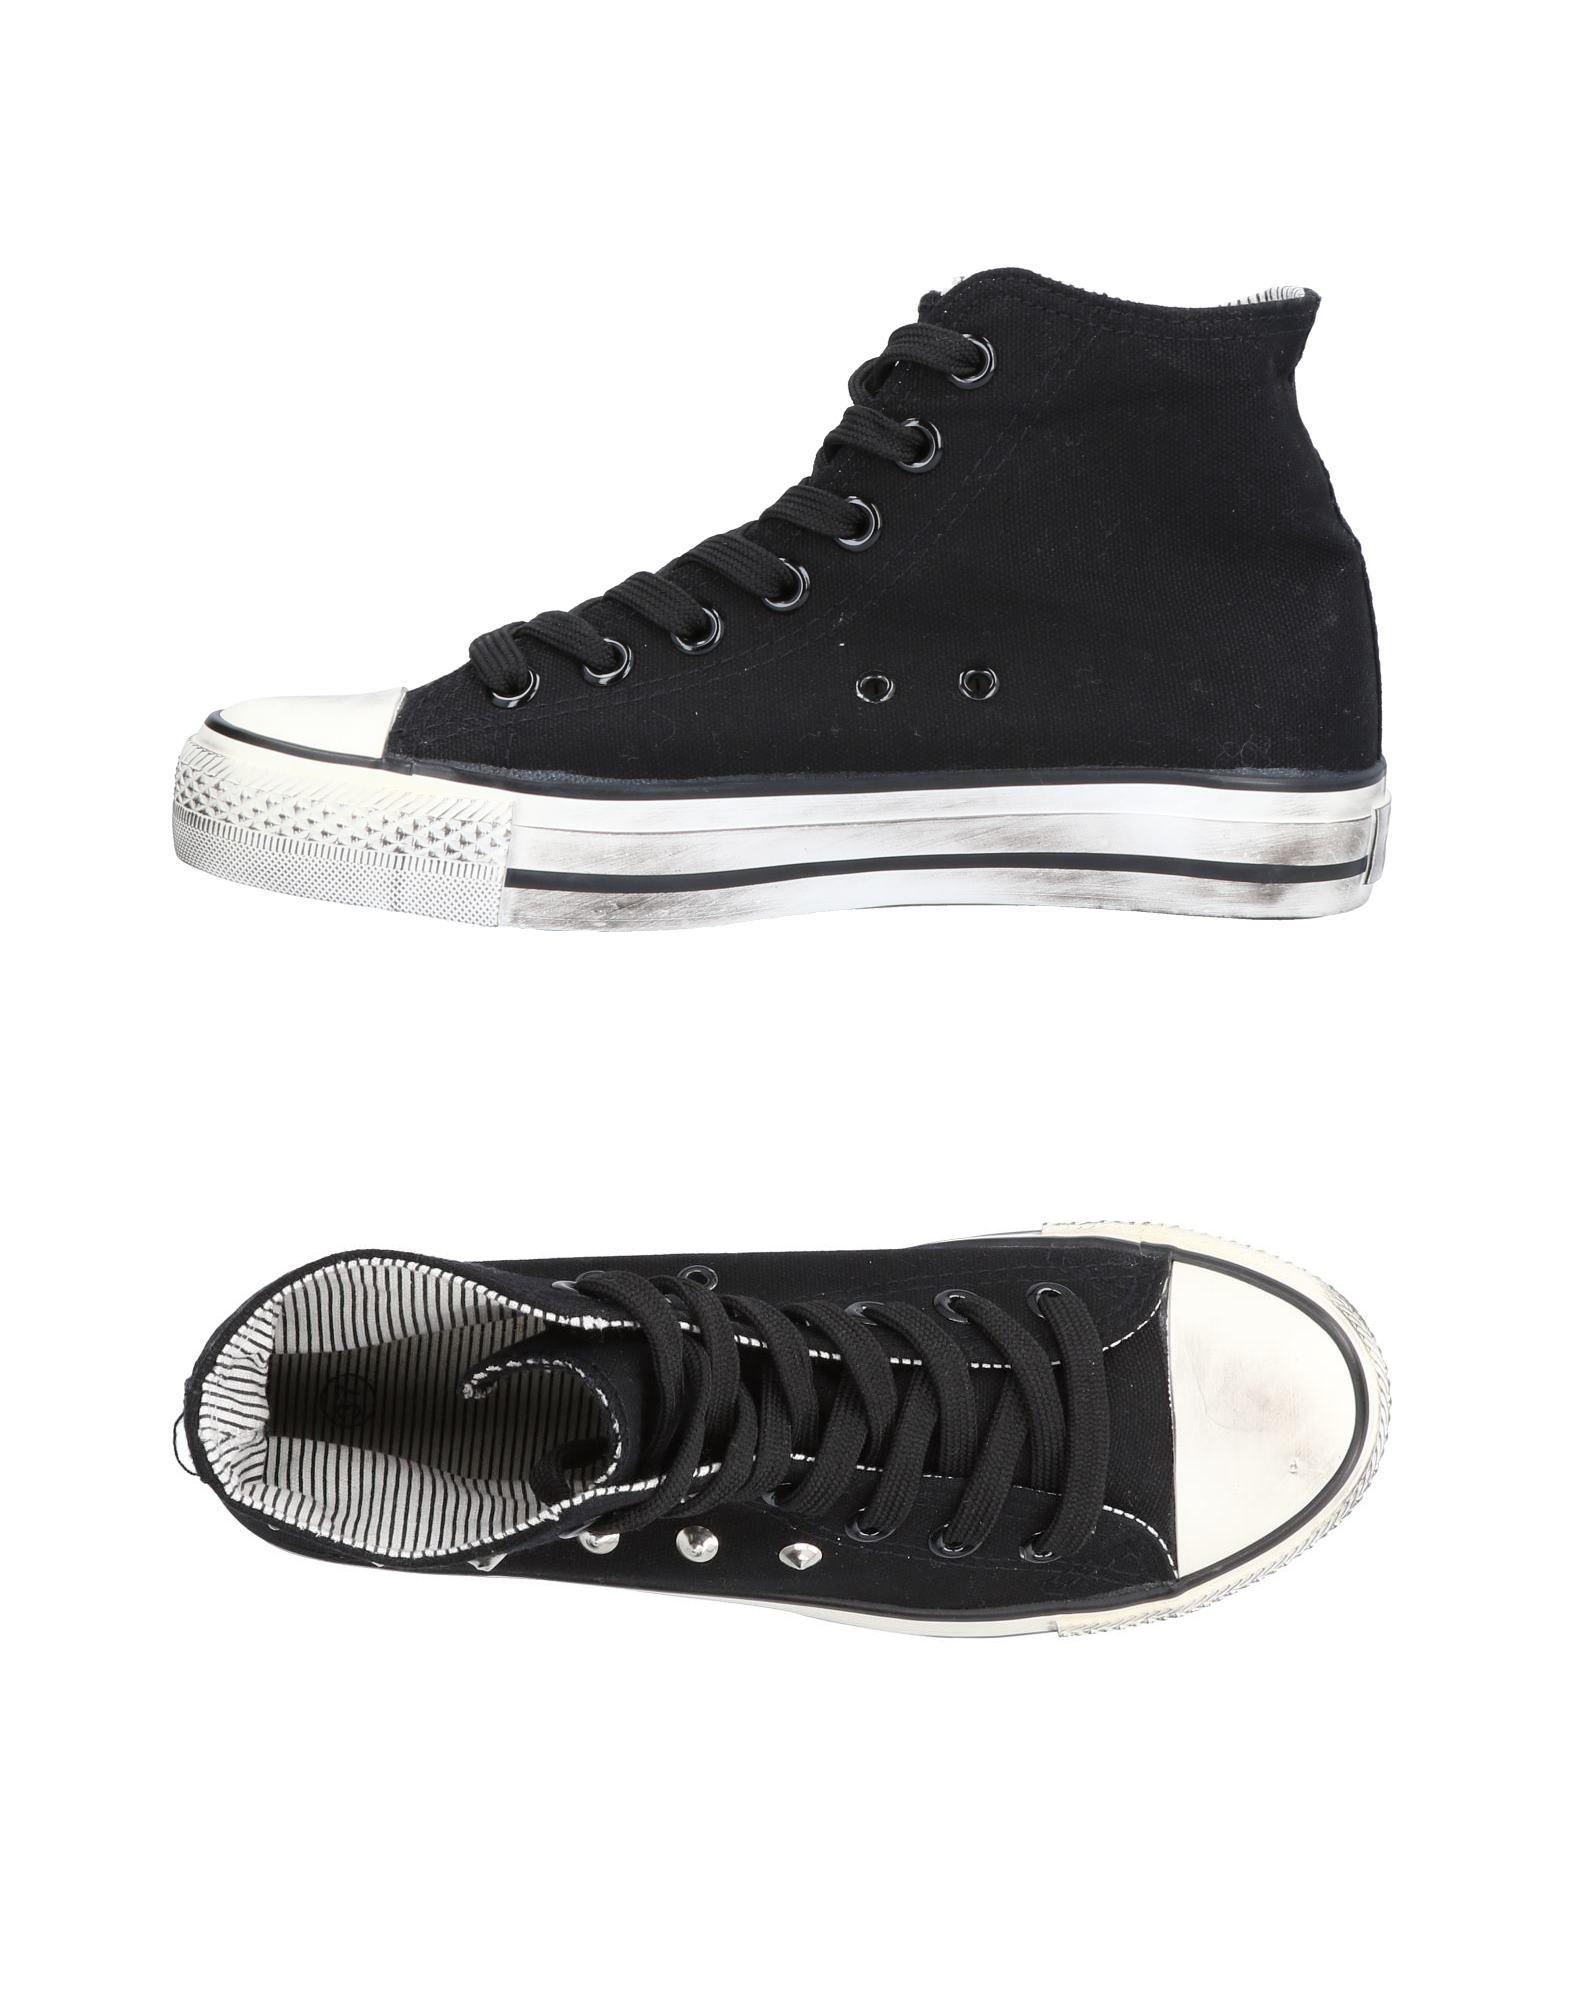 2STAR Высокие кеды и кроссовки native высокие кеды и кроссовки